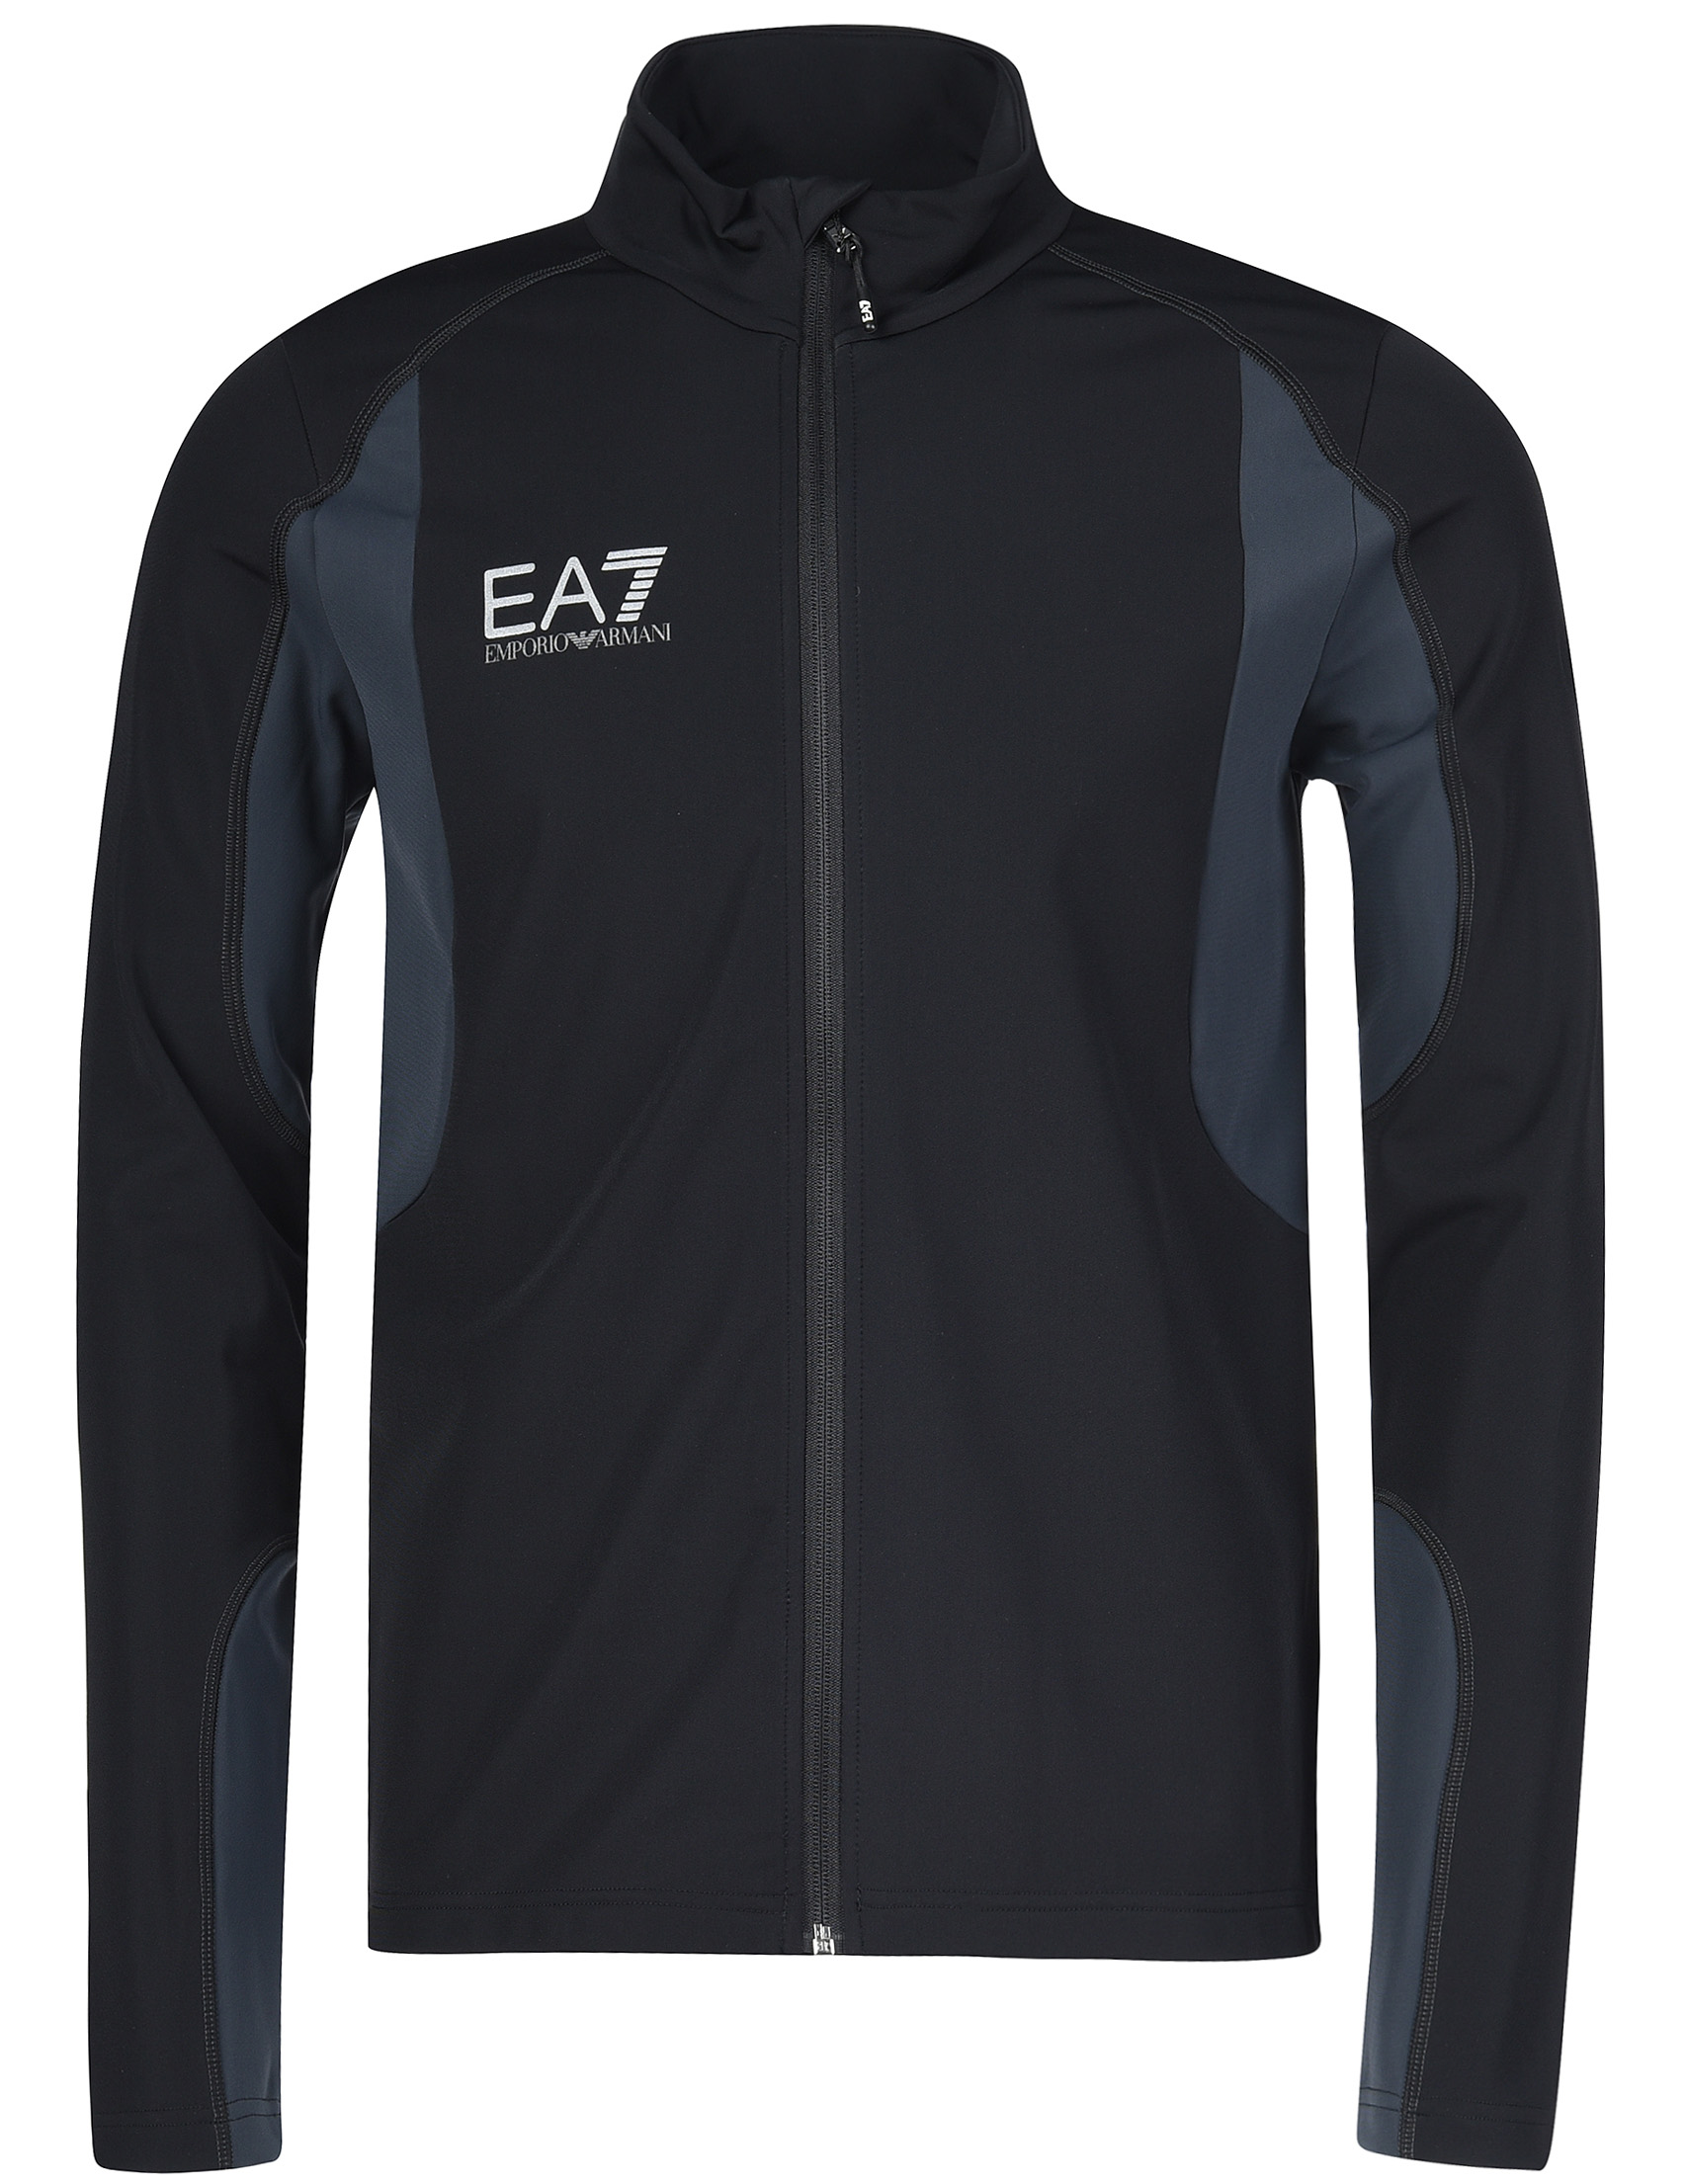 Купить Спортивная кофта, EA7 EMPORIO ARMANI, Черный, 85%Полиамид 15%Эластан, Осень-Зима